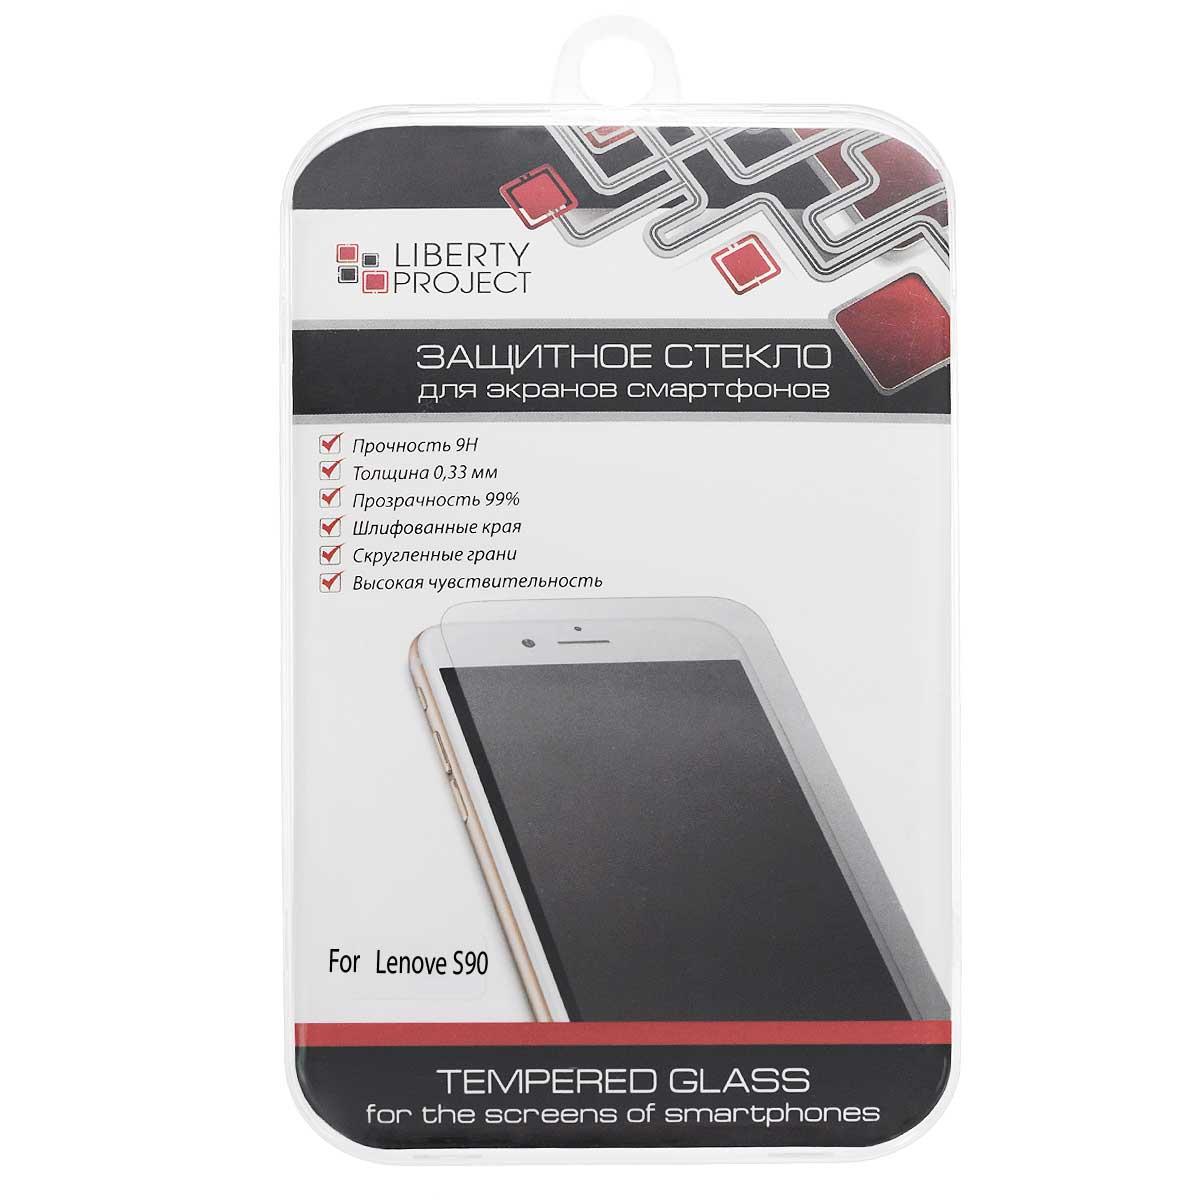 Liberty Project Tempered Glass защитное стекло для Lenovo S90, Clear (0,33 мм)0L-00000528Защитное стекло Liberty Project Tempered Glass предназначено для защиты поверхности экрана, от царапин, потертостей, отпечатков пальцев и прочих следов механического воздействия. Гарантирует высокую чувствительность при работе с устройством. Данная модель также обладает антибликовым и водоотталкивающим эффектом.